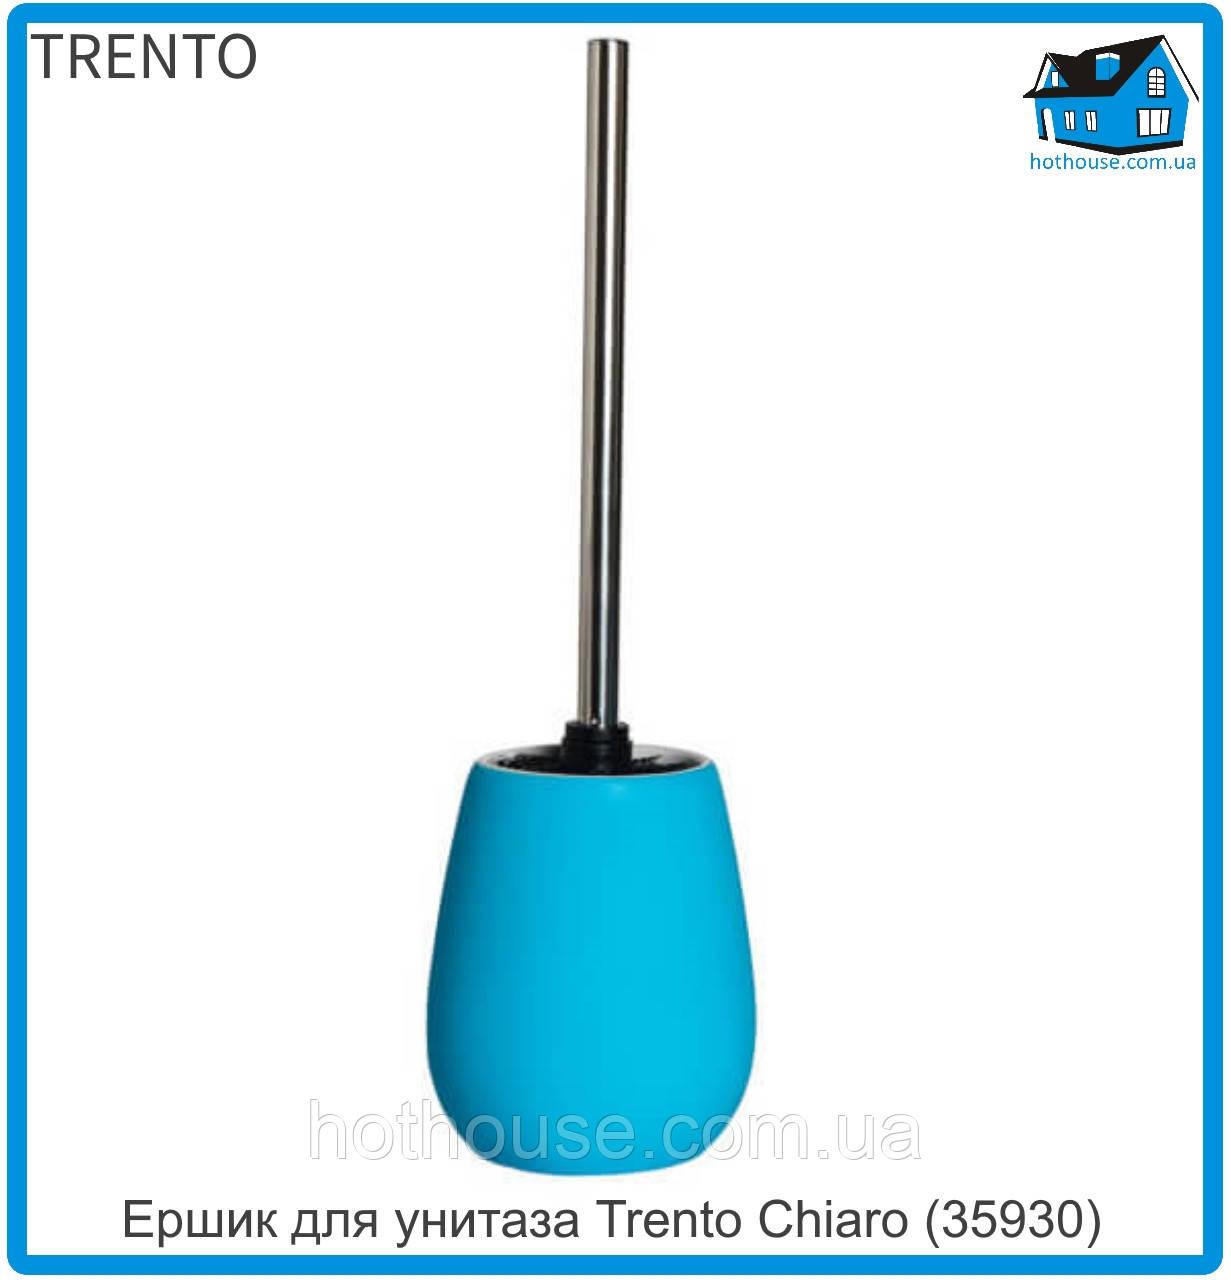 Йоршик для унітазу Trento Chiaro (35930)